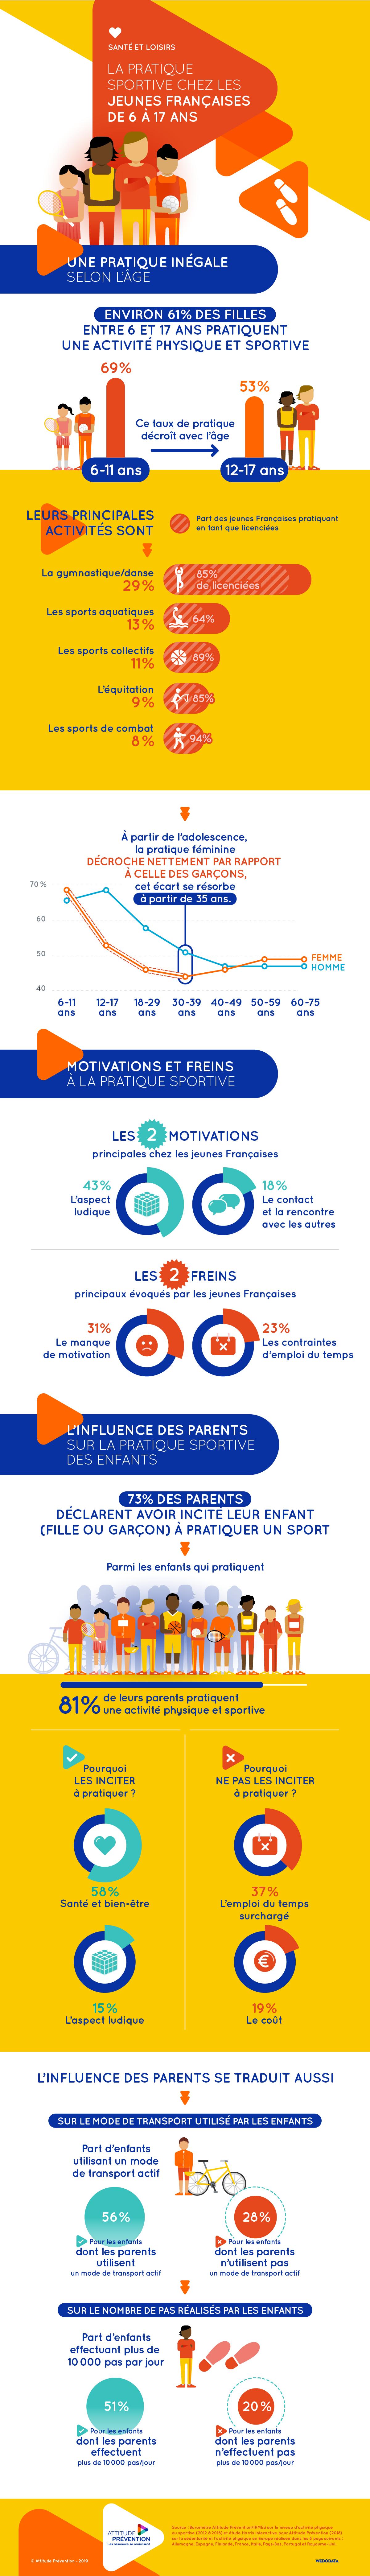 2019.05 Infographie pratique sportive jeunes française 6 17 ans